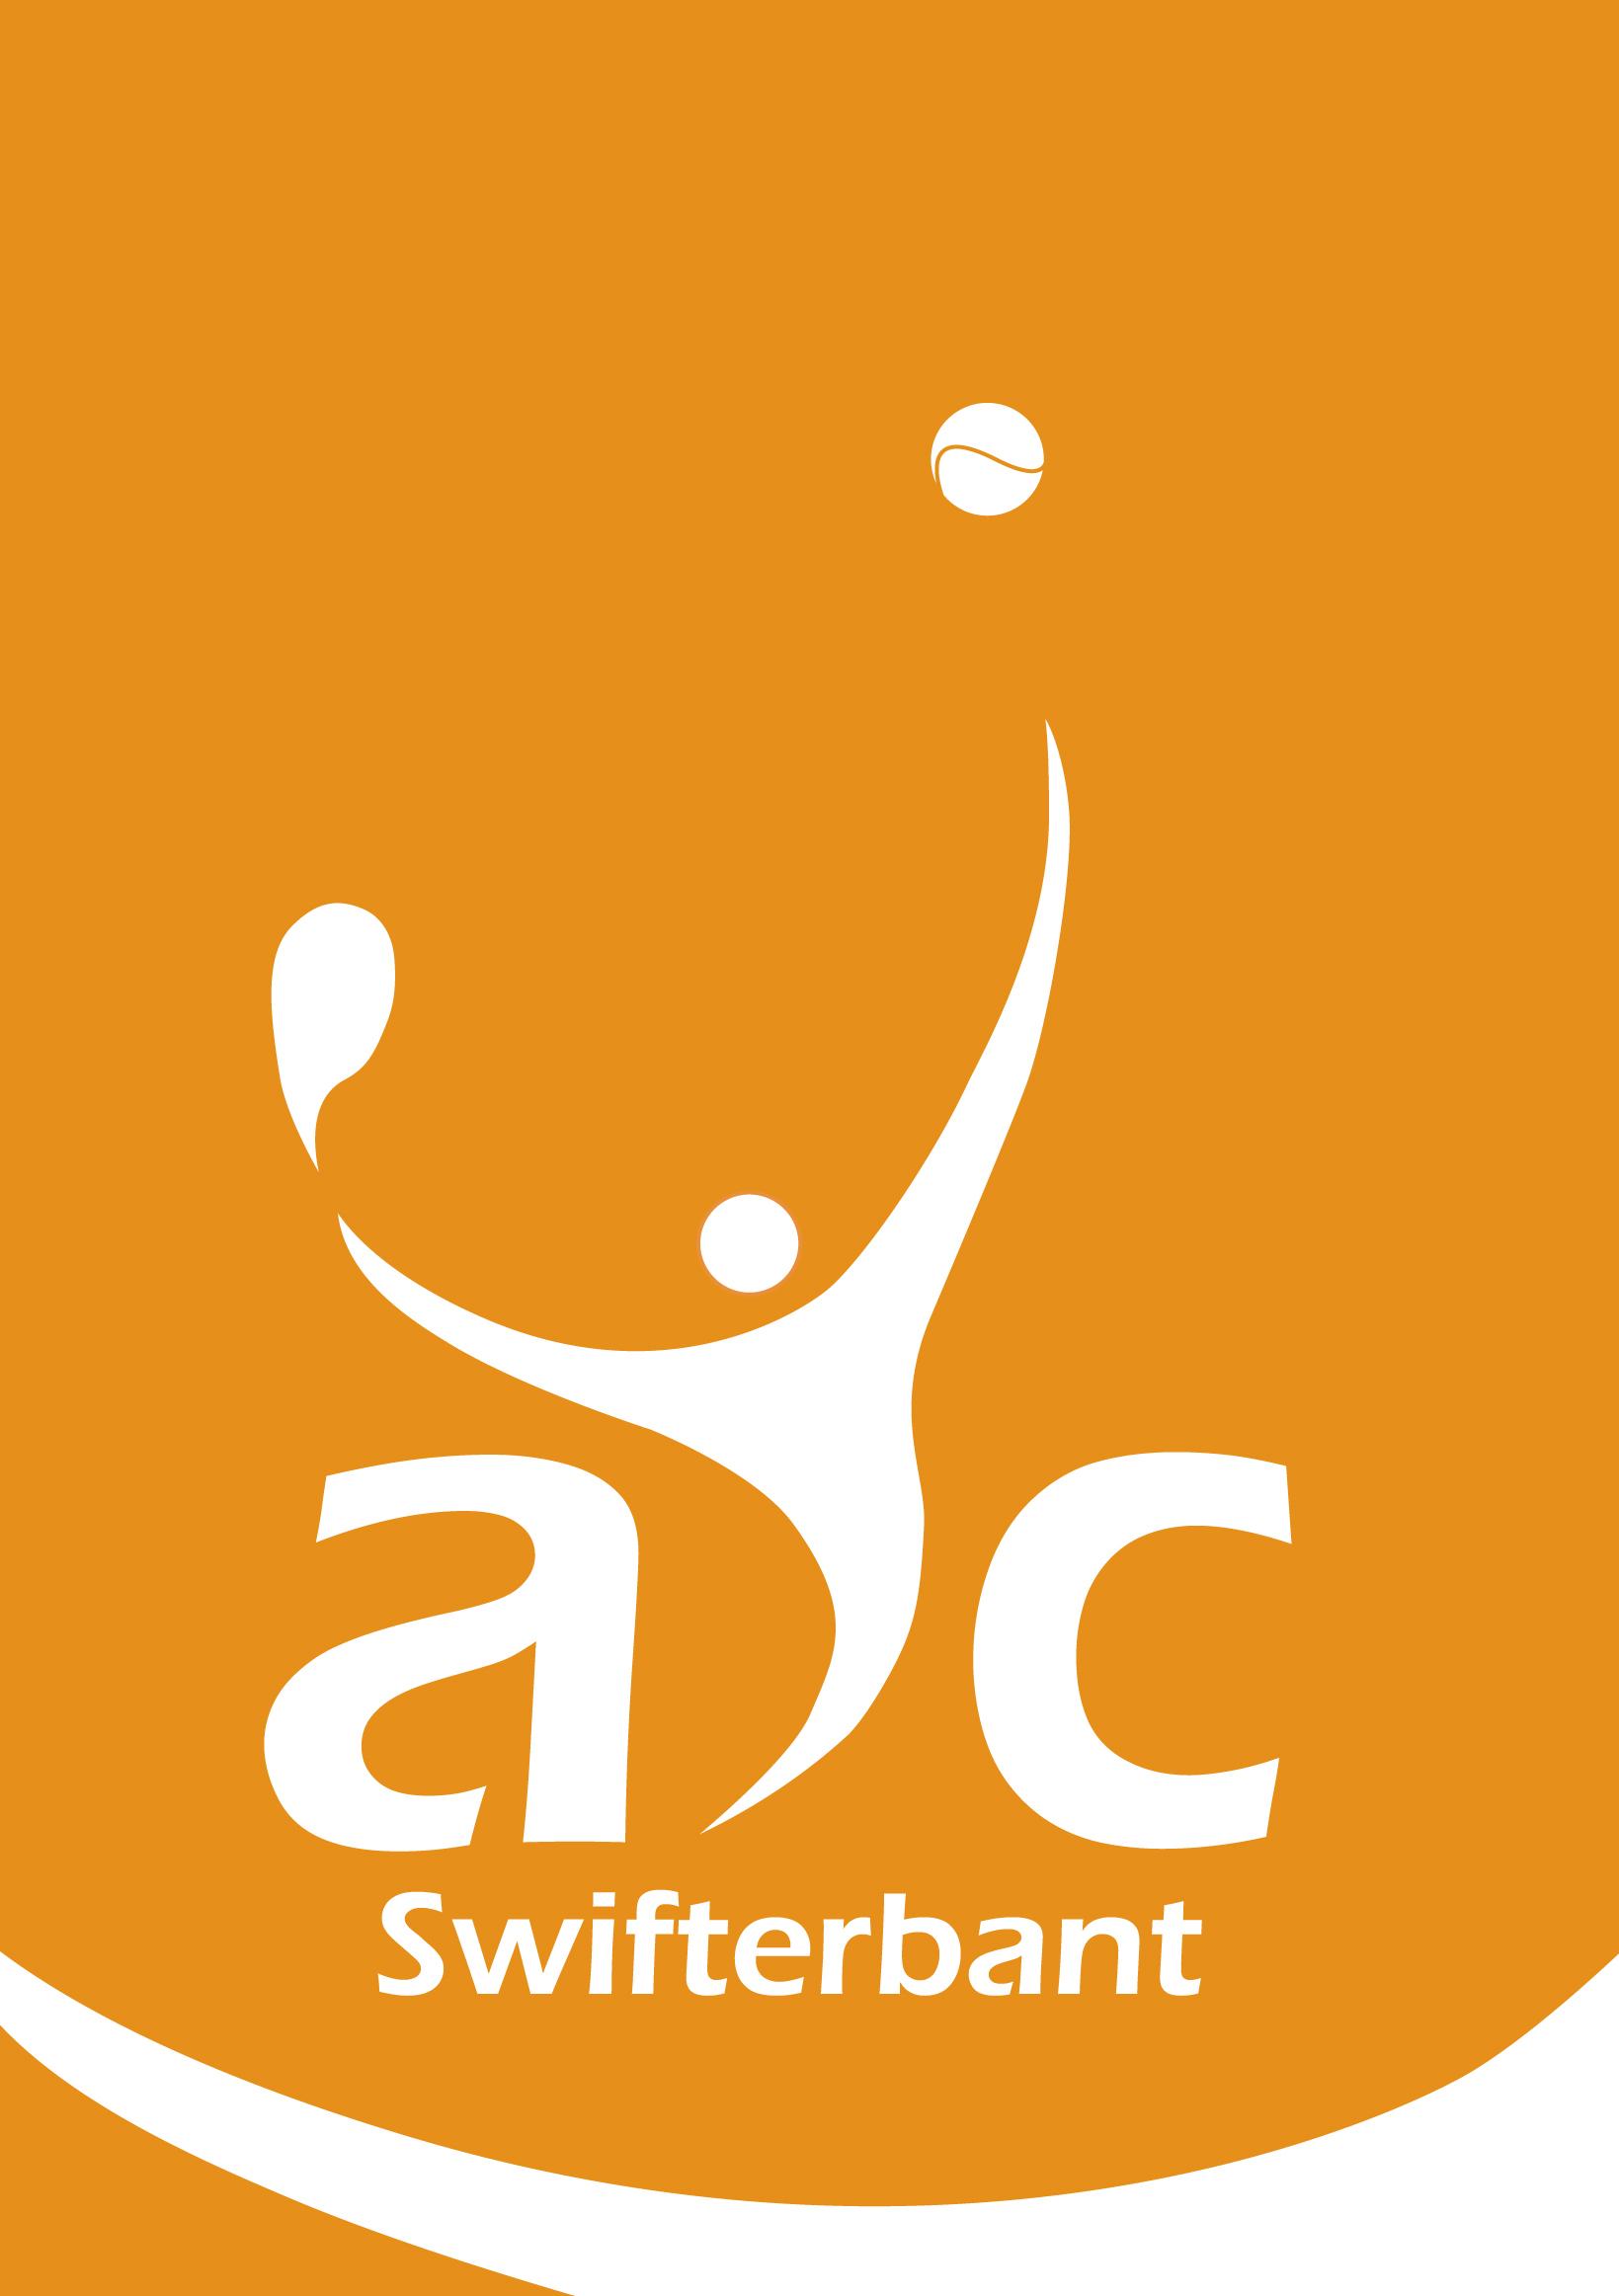 ATC Swifterbant